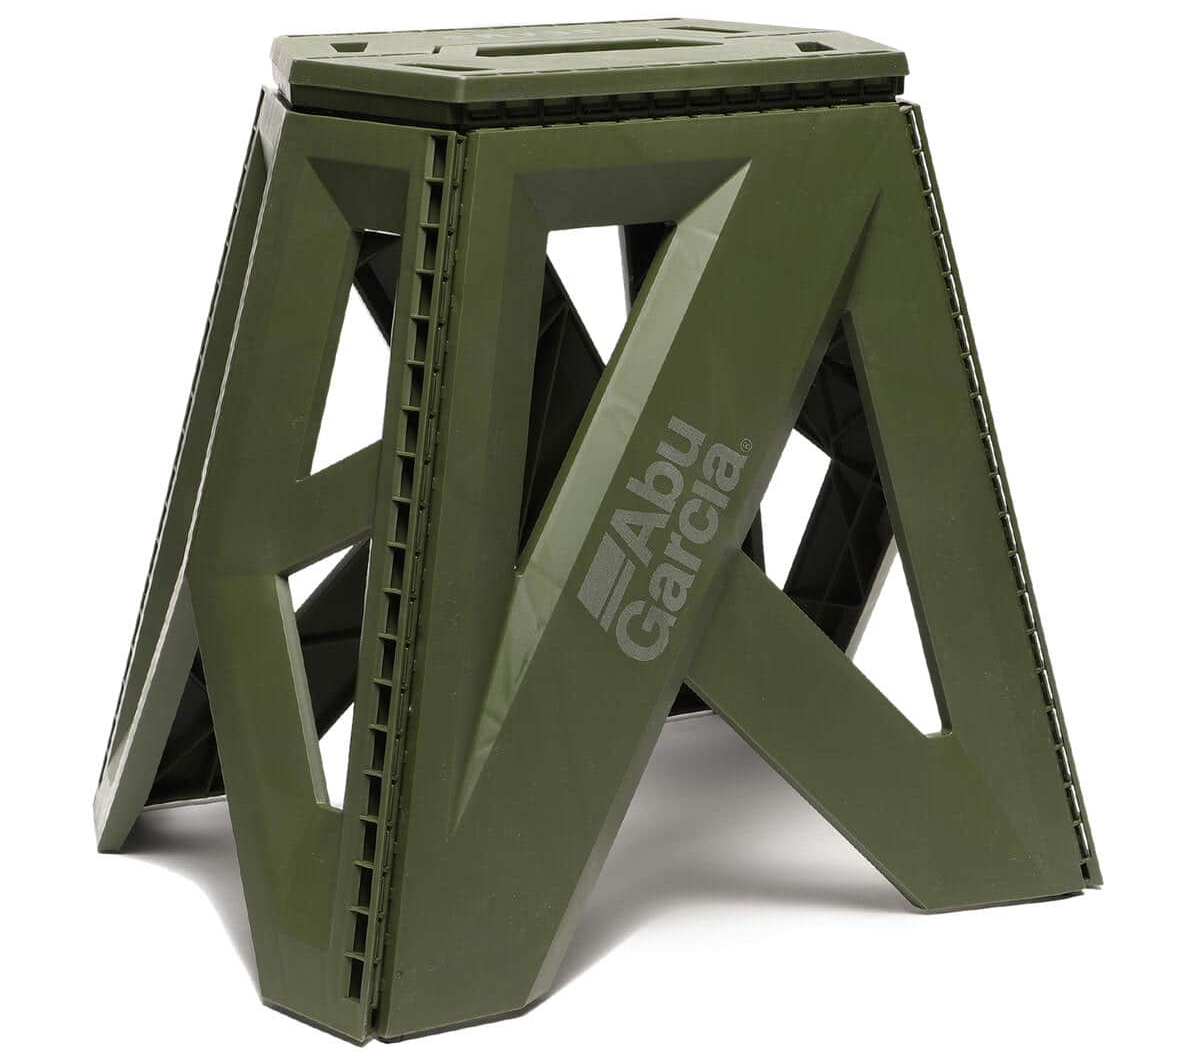 秀逸デザインはスツールとしても◎!Abu Garcia × BEAMS / 別注 Foldable Chair(OLIVE)。